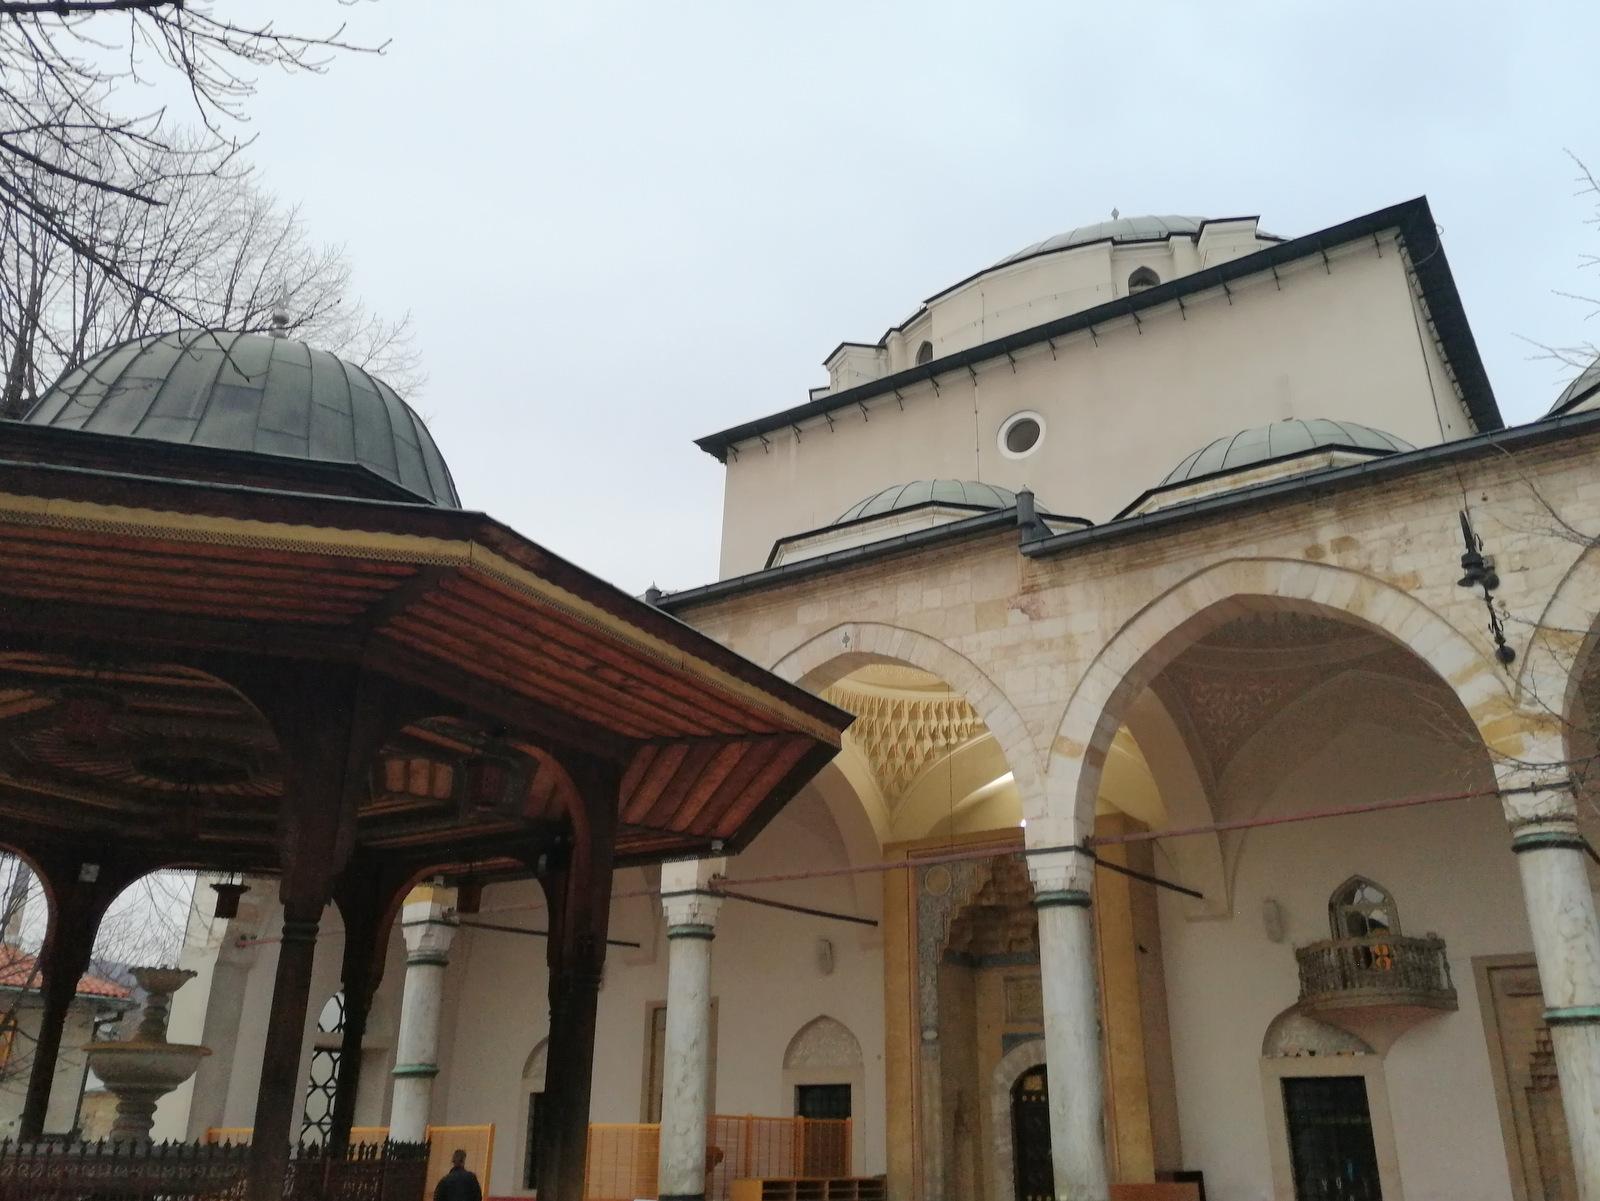 Gazi Husrev-begova džamija v Sarajevu